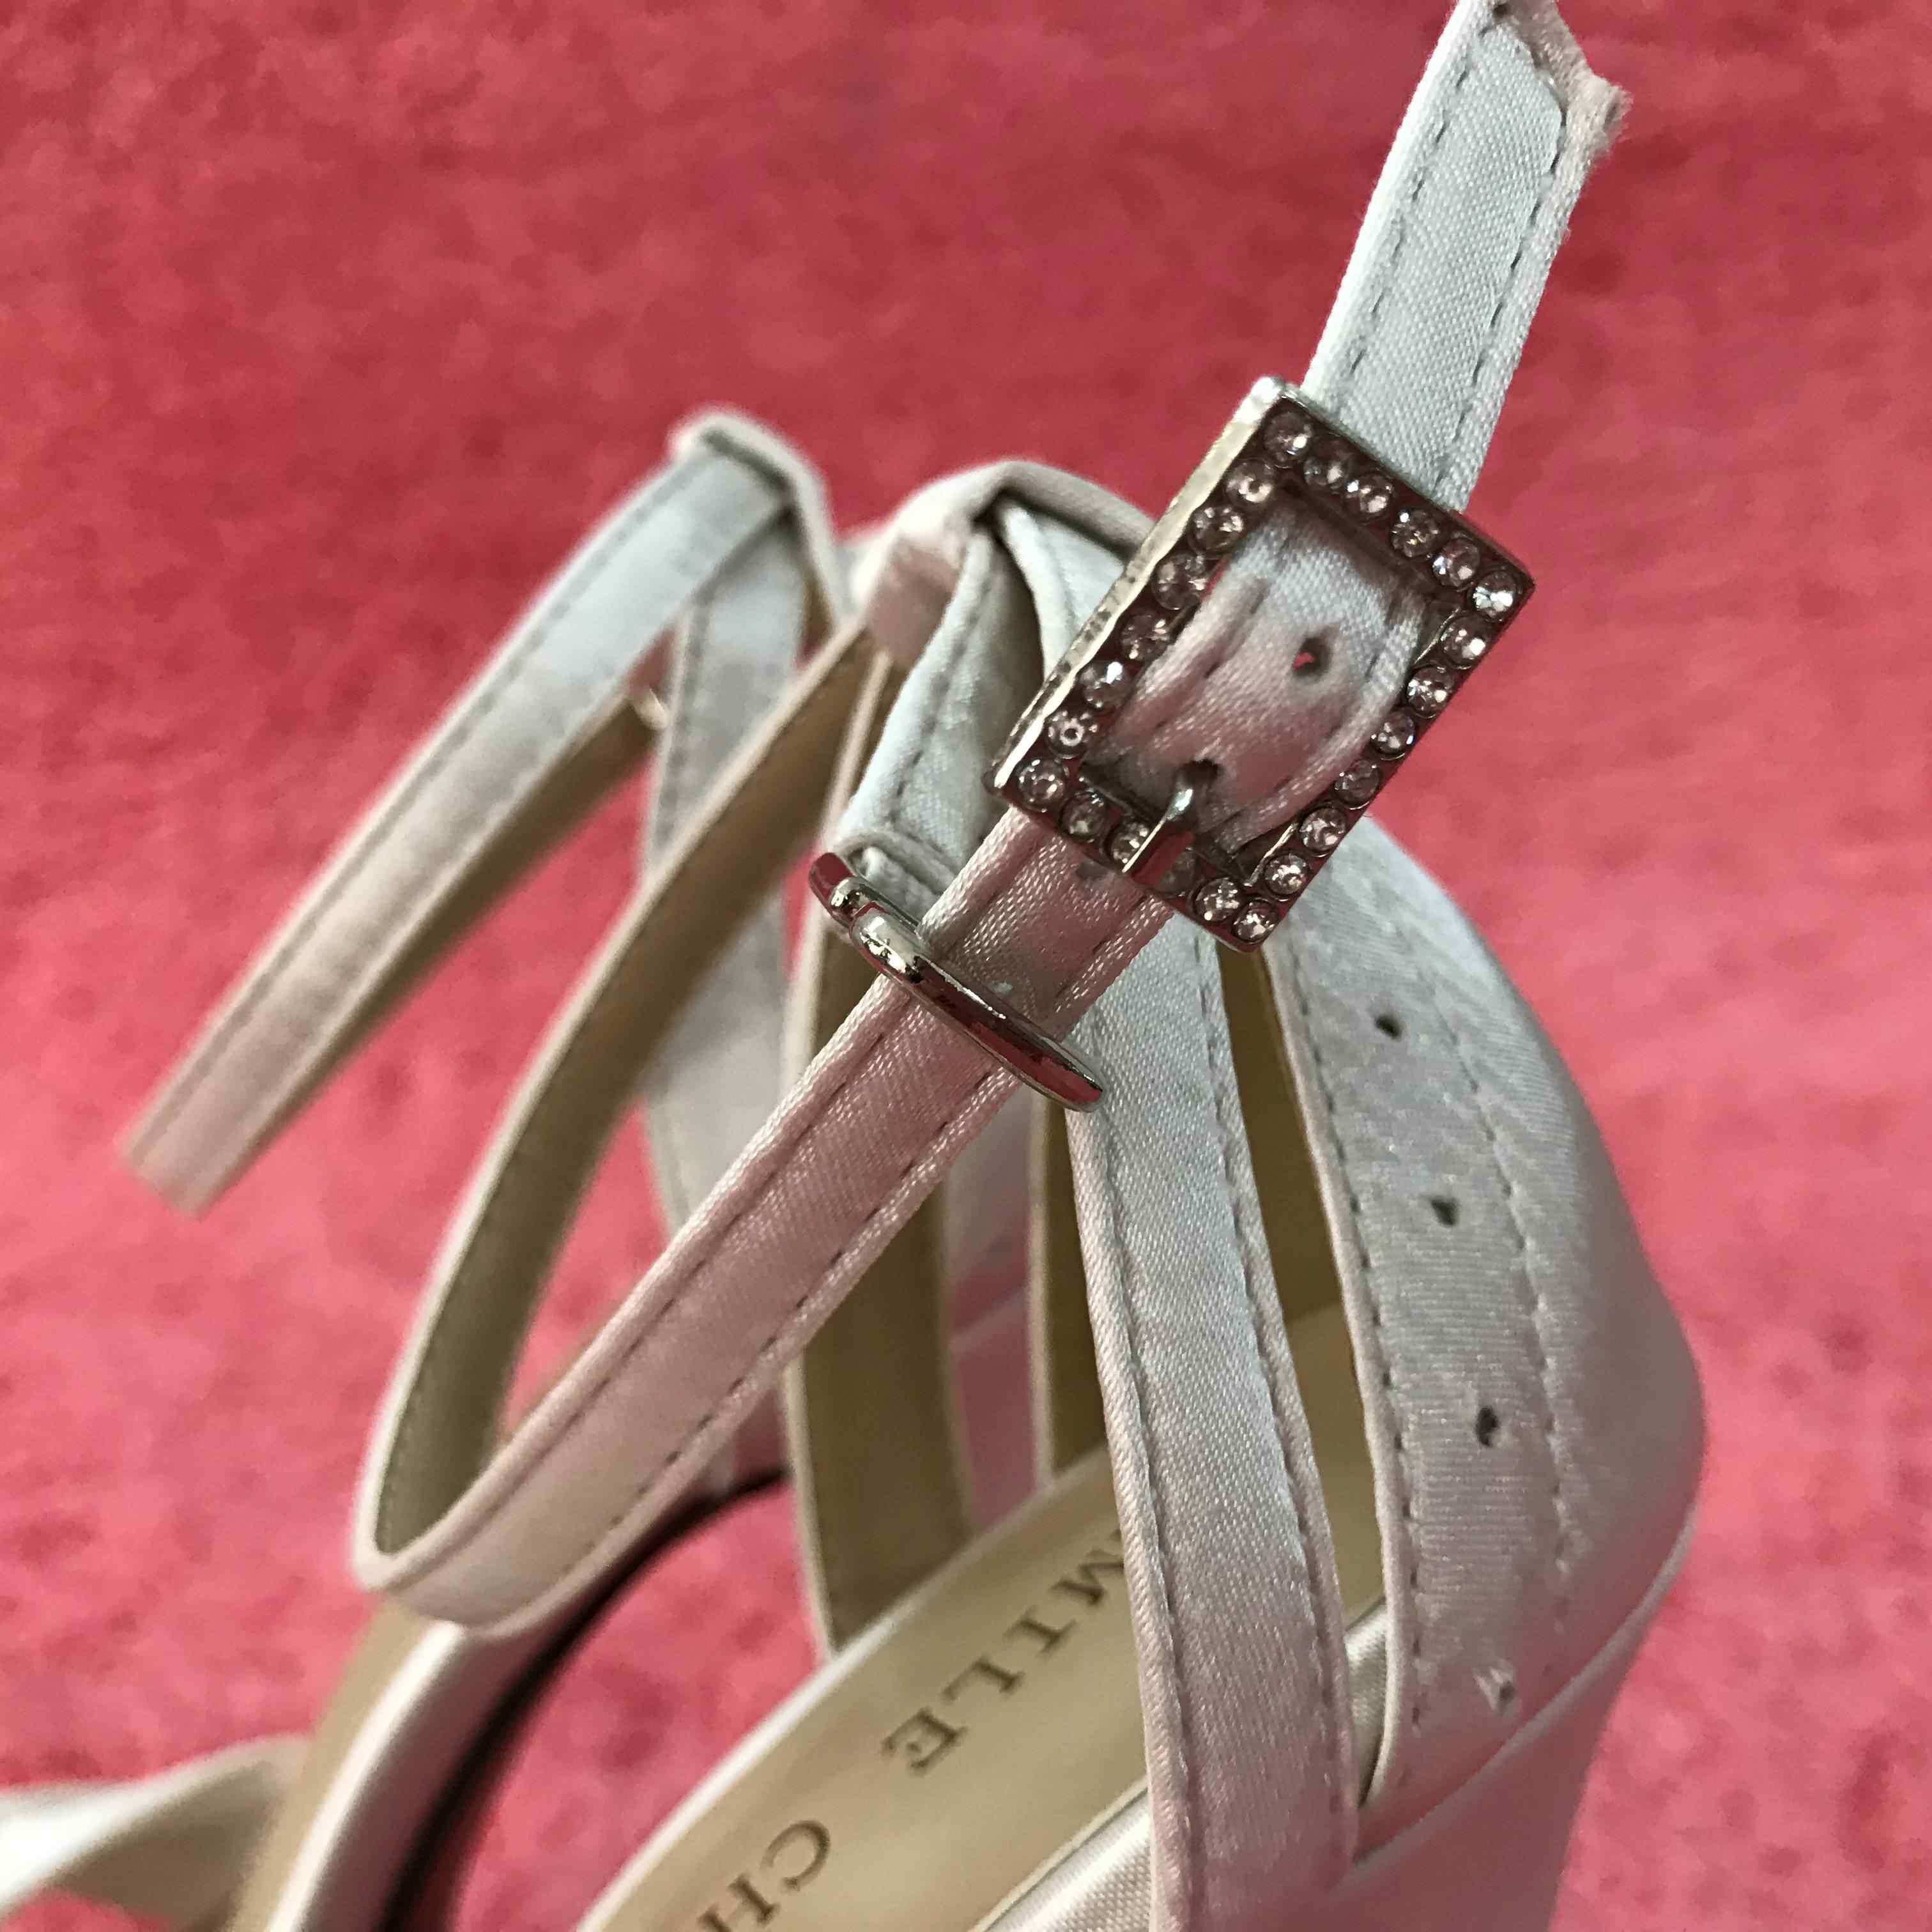 Donne eleganti Da Sposa di Alta Sandali Tacco Avorio In Raso Cinturino Alla Caviglia Sexy Stiletto Della Piattaforma Bridals Festa di Matrimonio Scarpe Delle Signore 4SL-b1